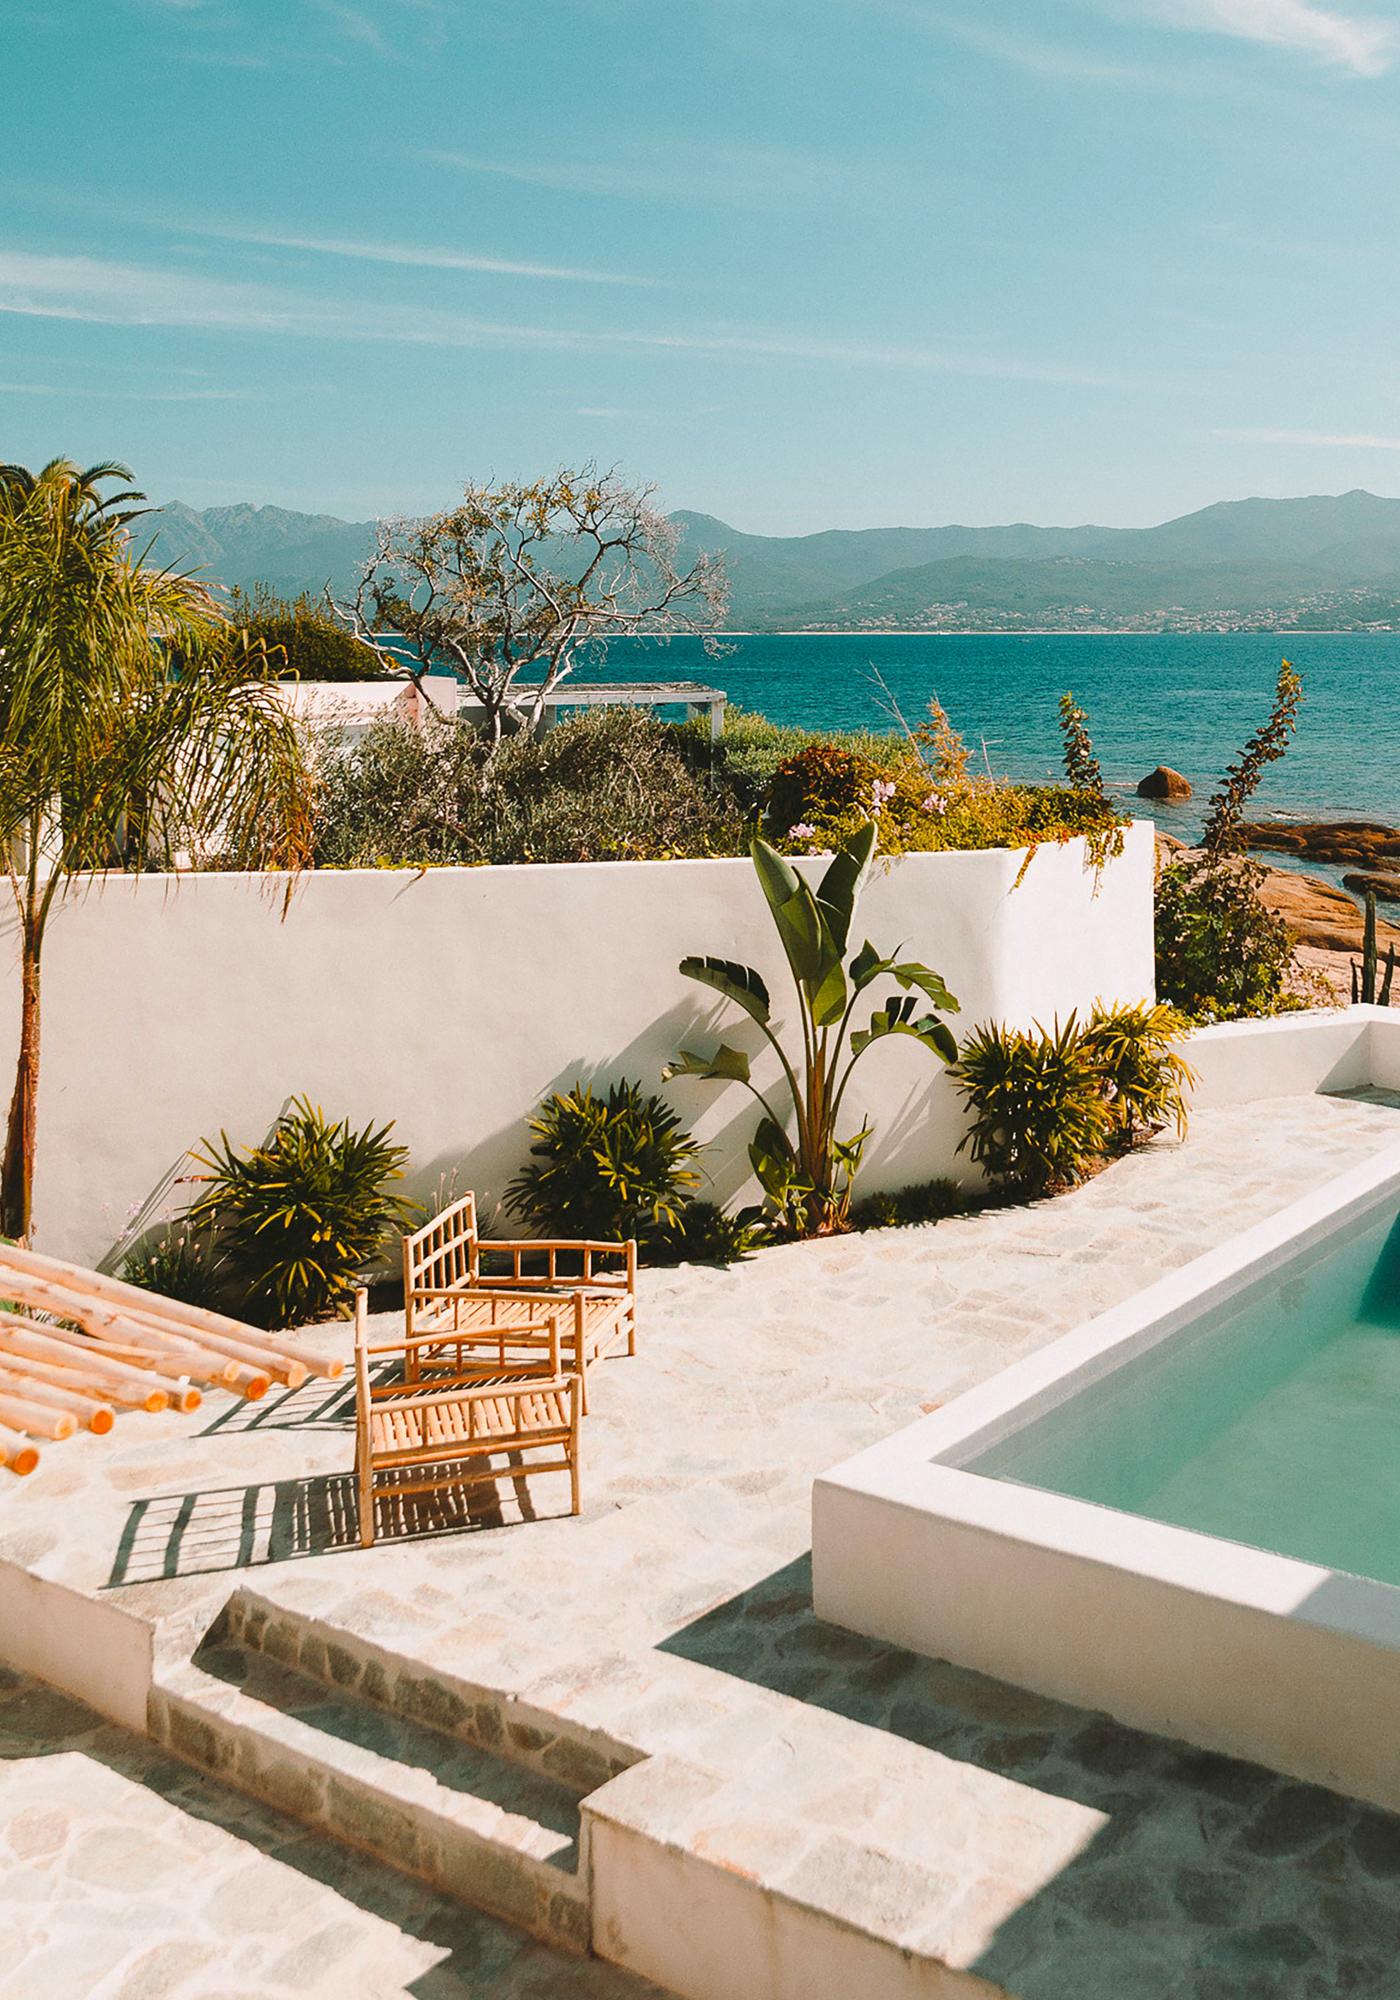 Corse Casa Santa Teresa House Maison d'Hôte Guest House Route des Sanguinaires